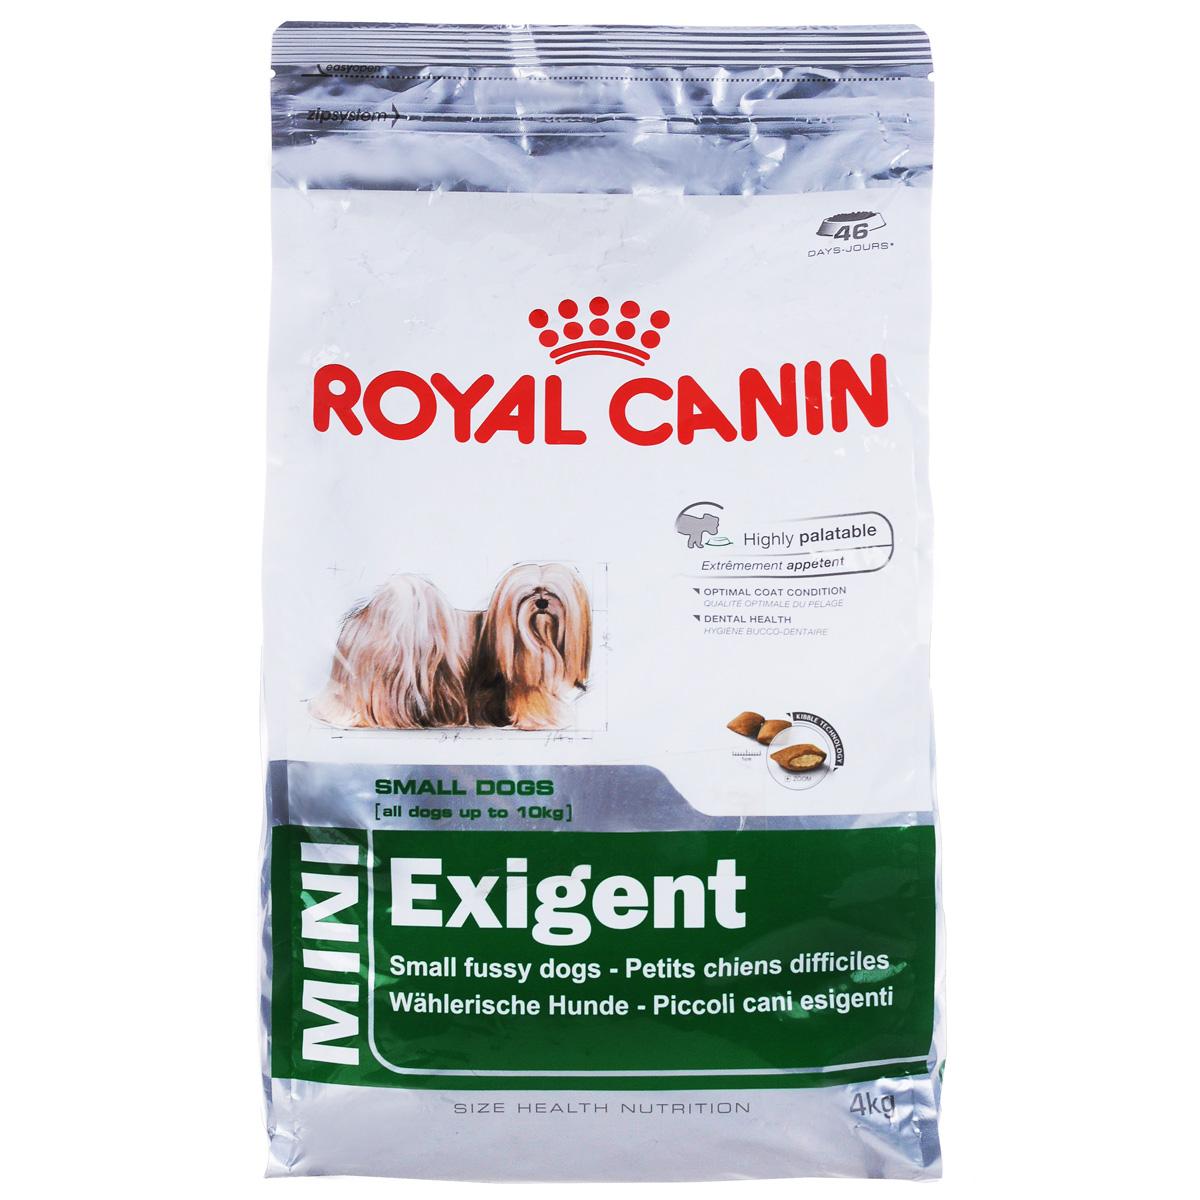 Корм сухой Royal Canin Mini Exigent, для собак мелких пород, привередливых в питании, 4 кг313040Полнорационный сухой корм Royal Canin Mini Exigent для подходит собакам мелких размеров (вес взрослой собаки до 10 кг) старше 10 месяцев. Специальная технология изготовления крокет сочетает 2 вида текстур (хрустящую и мягкую), а также уникальные вкусовые добавки, что придется по вкусу даже самым привередливым собакам мелких размеров. Корм питает шерсть благодаря включению в состав корма серосодержащих аминокислот (метионин и цистин), жирных кислот Омега 6 и витамина А. Помогает замедлить образование зубного налета благодаря полифосфату натрия, который связывает кальций, содержащийся в слюне. Состав: дегидратированное мясо птицы, животные жиры, предварительно обработанная пшеничная мука, рис, изолят растительных белков L.I.P., гидролизат белков животного происхождения, кукурузная мука, растительная клетчатка, свекольный жом, рыбий жир, минеральные вещества, фруктоолигосахариды, масло огуречника аптечного 0,1%. Добавки в 1 кг: витамин А 29700 МЕ, витамин D3 800 МЕ,...